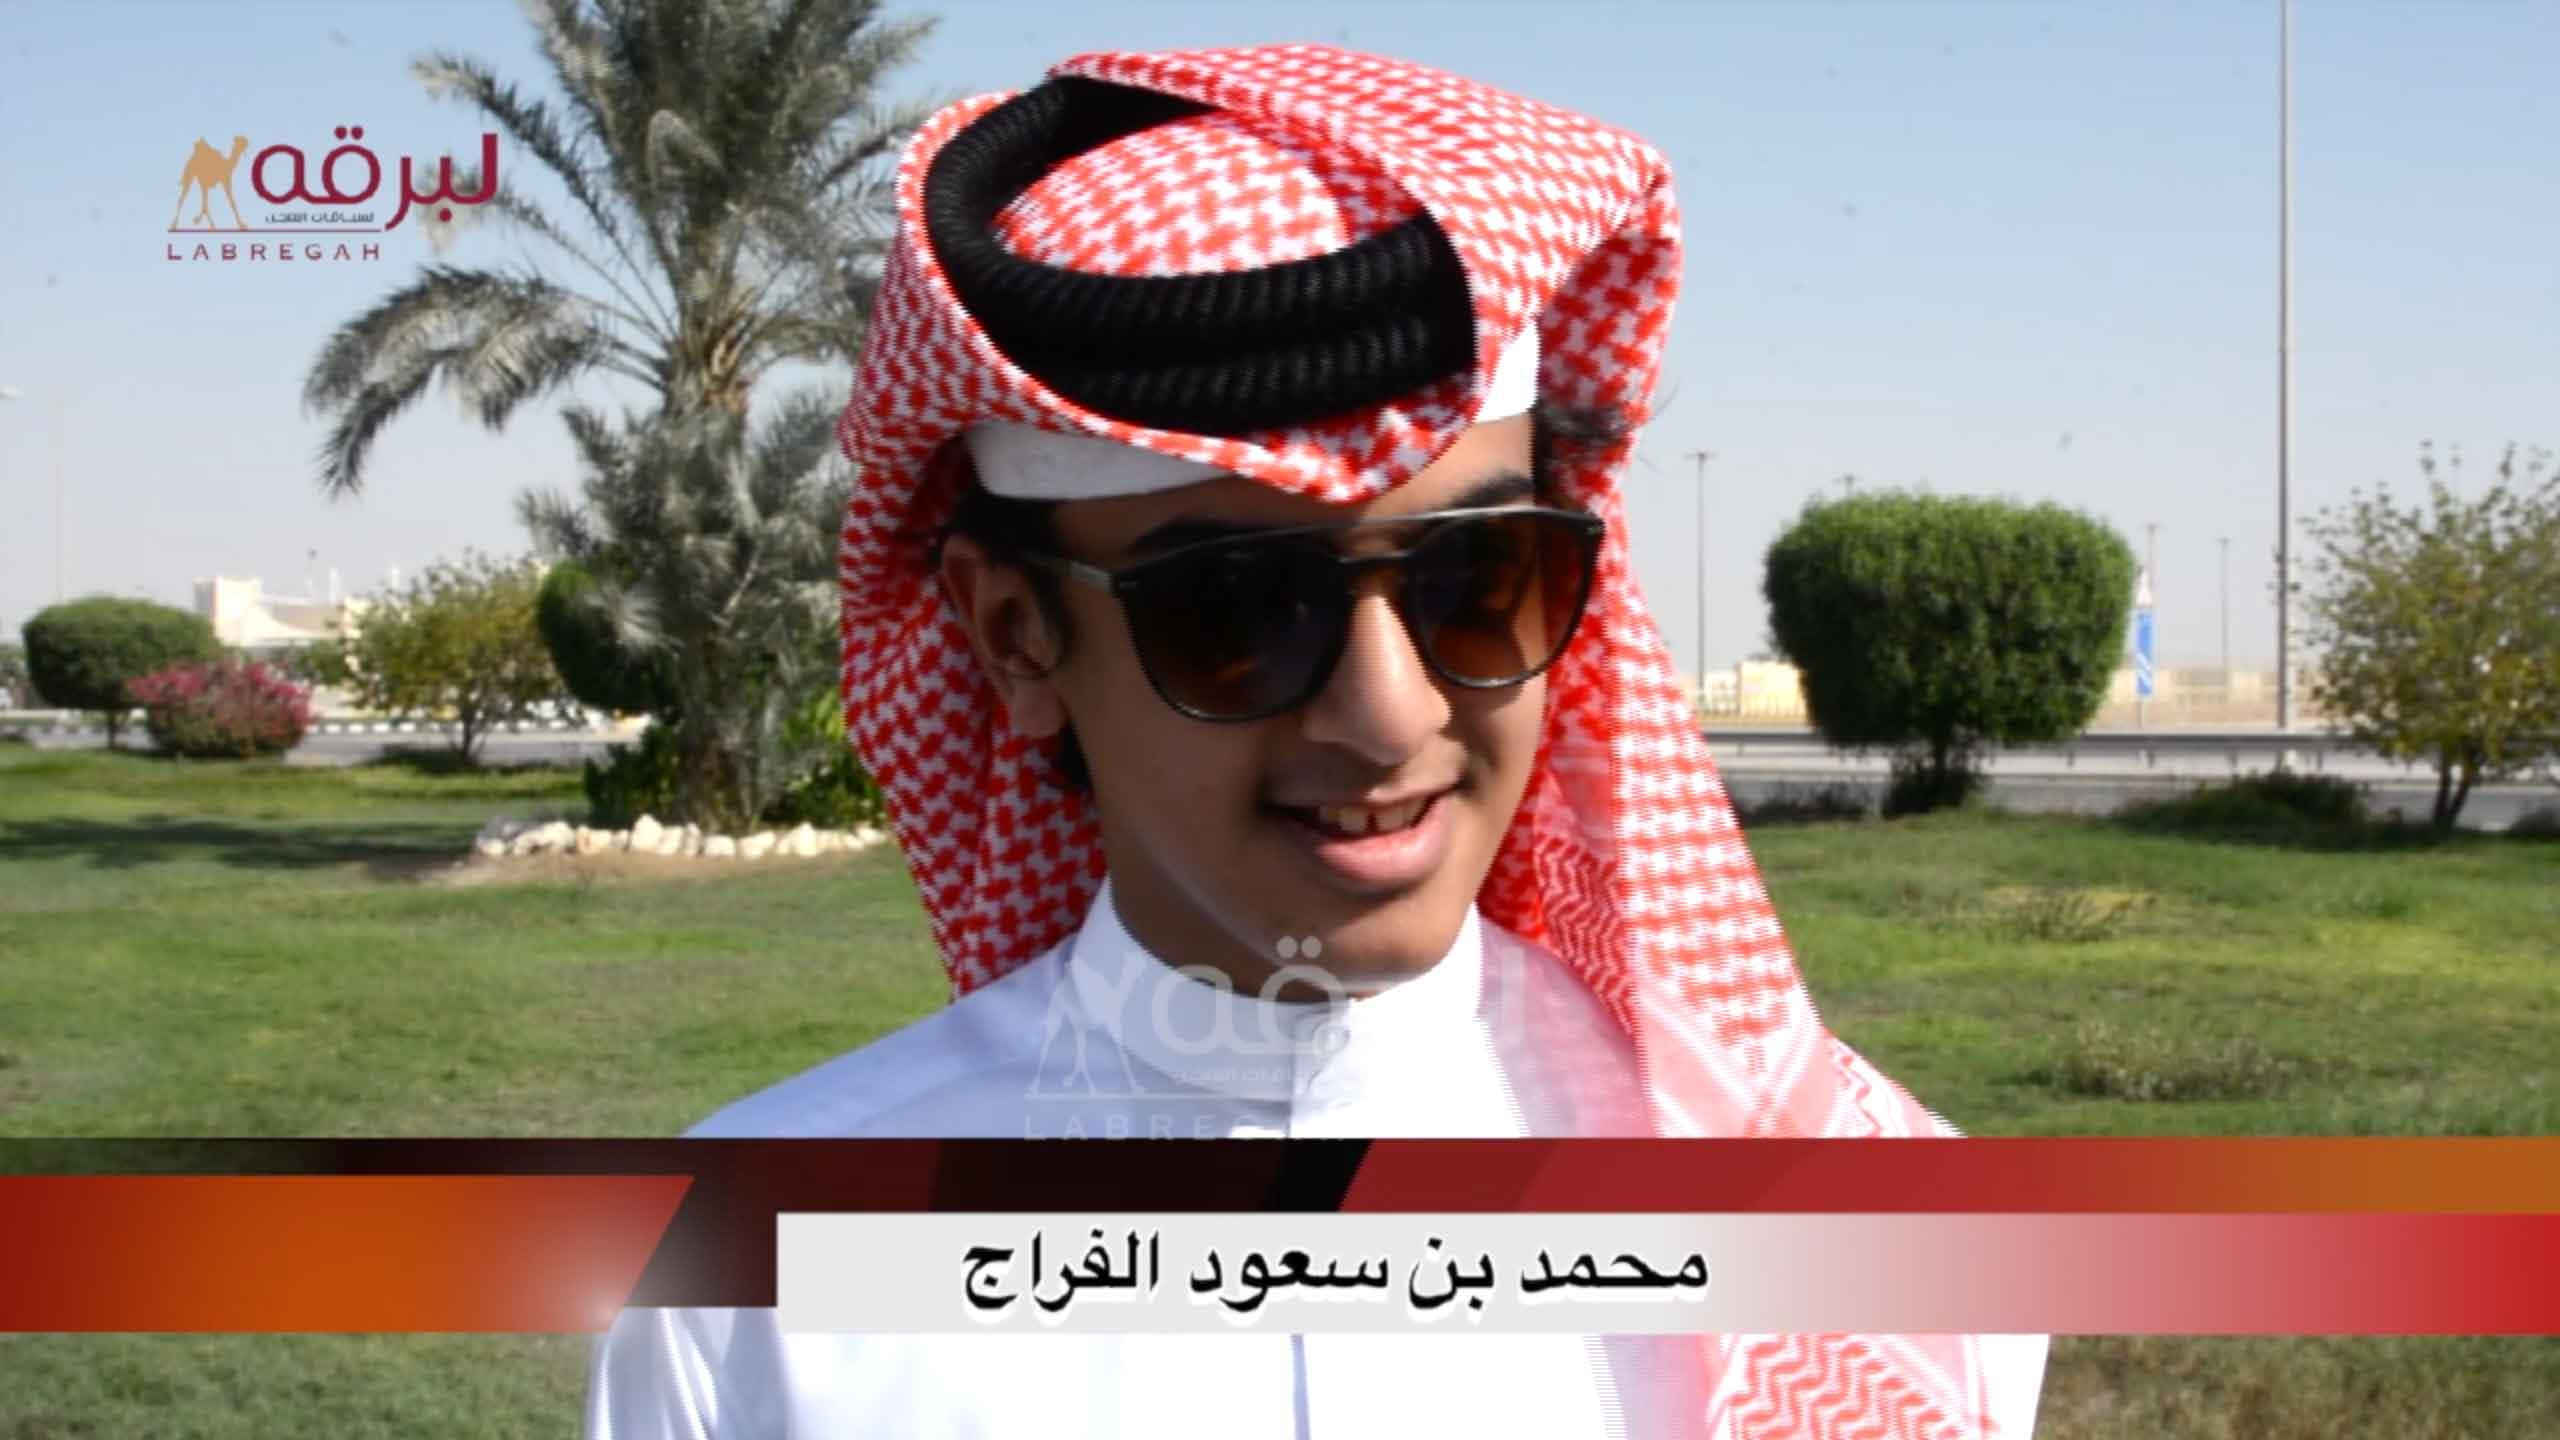 لقاء مع محمد بن سعود الفراج.. الشوط الرئيسي للجذاع بكار إنتاج الأشواط العامة  ١٠-١٠-٢٠٢٠